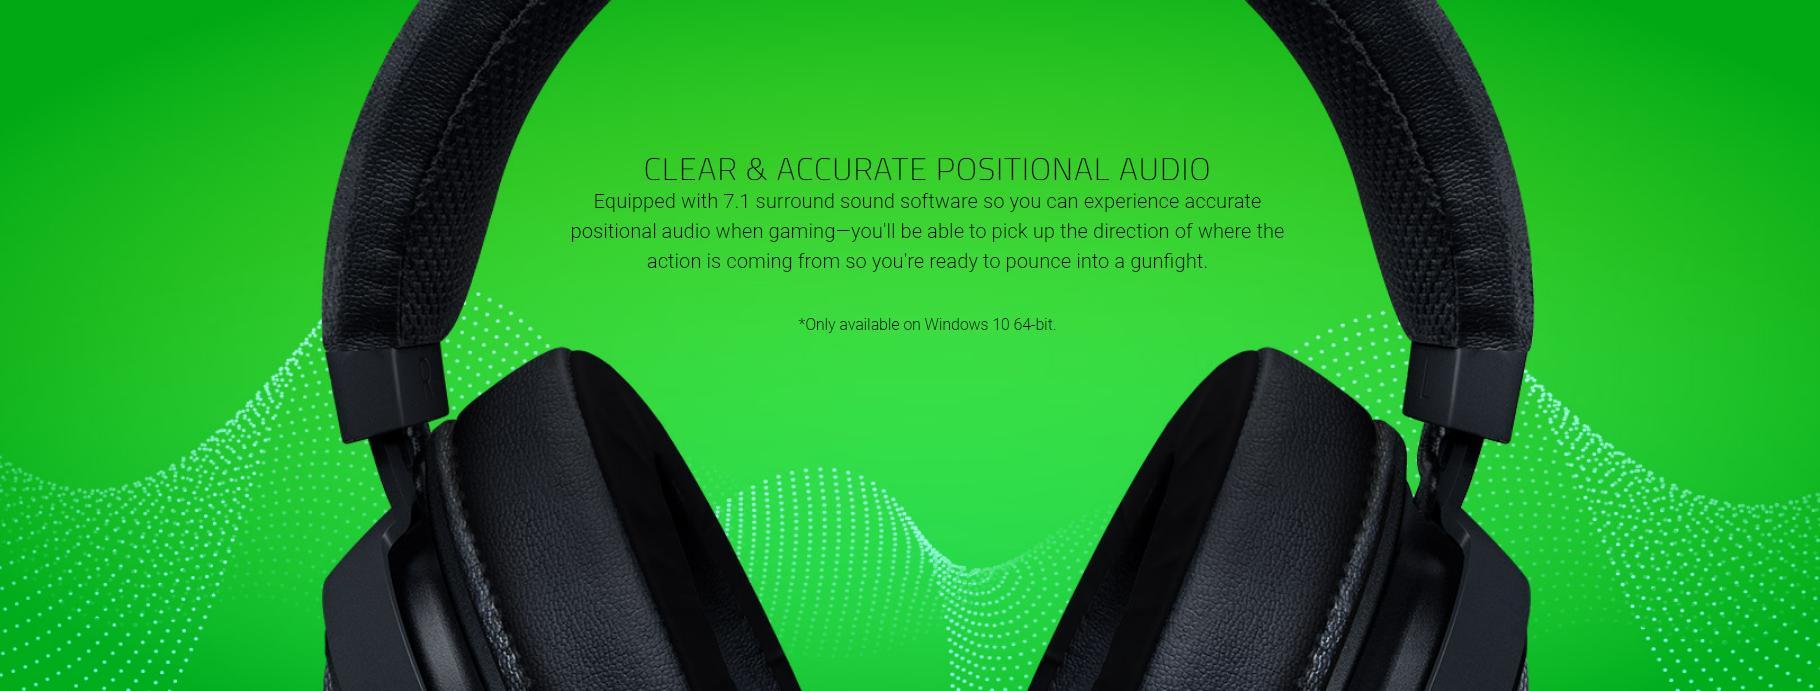 Tai nghe Razer Kraken Multi Platform Wired Gaming Headset Quartz RZ04-02830300-R3M1 tích hợp giả lập âm thanh vòm